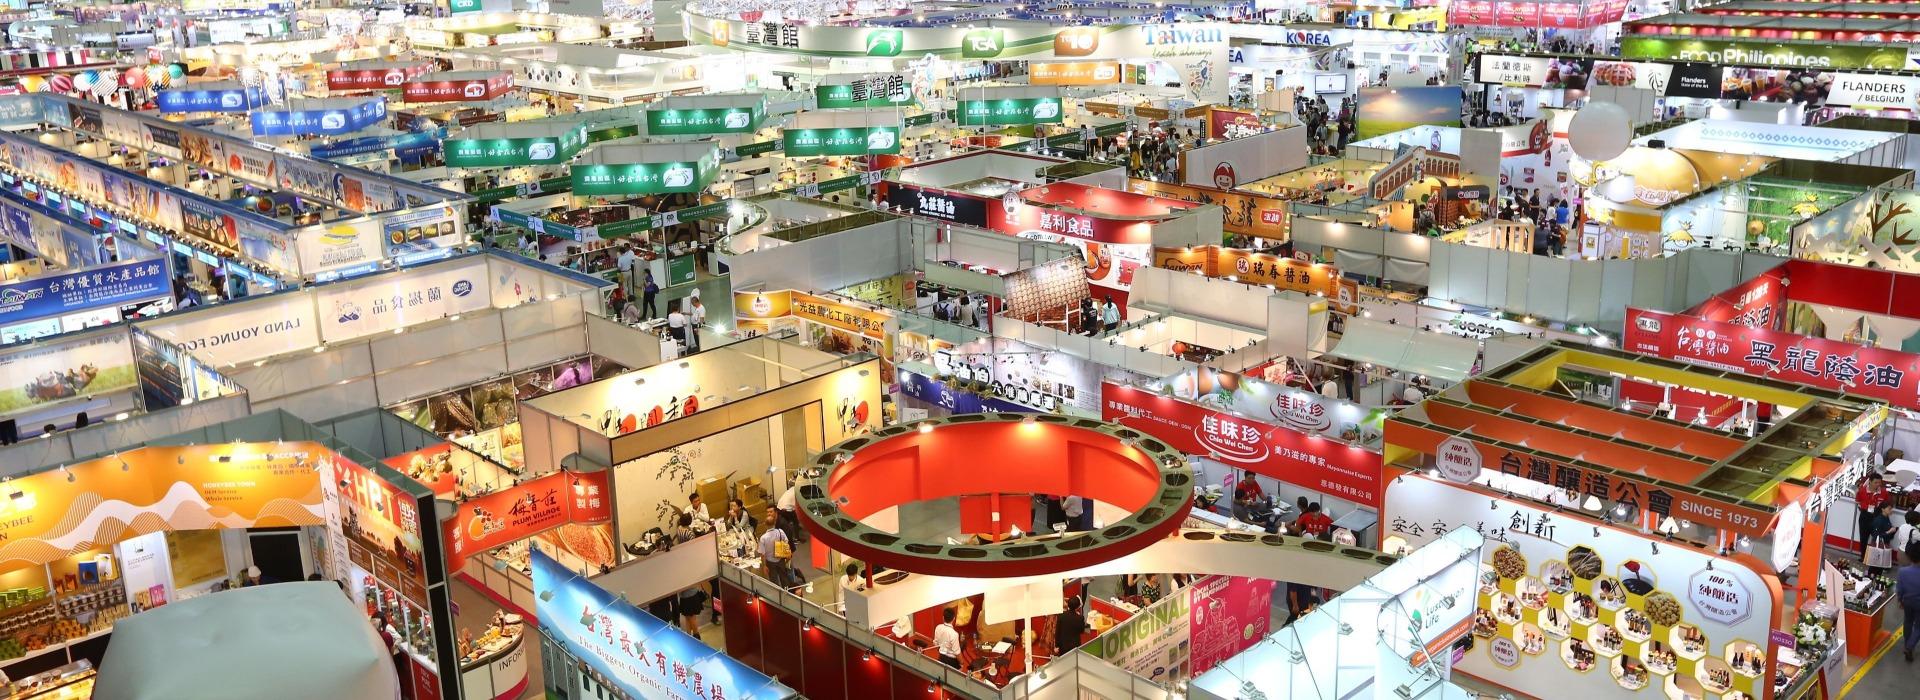 二O一八台北國際食品五合一展覽會  品味台灣好食錦